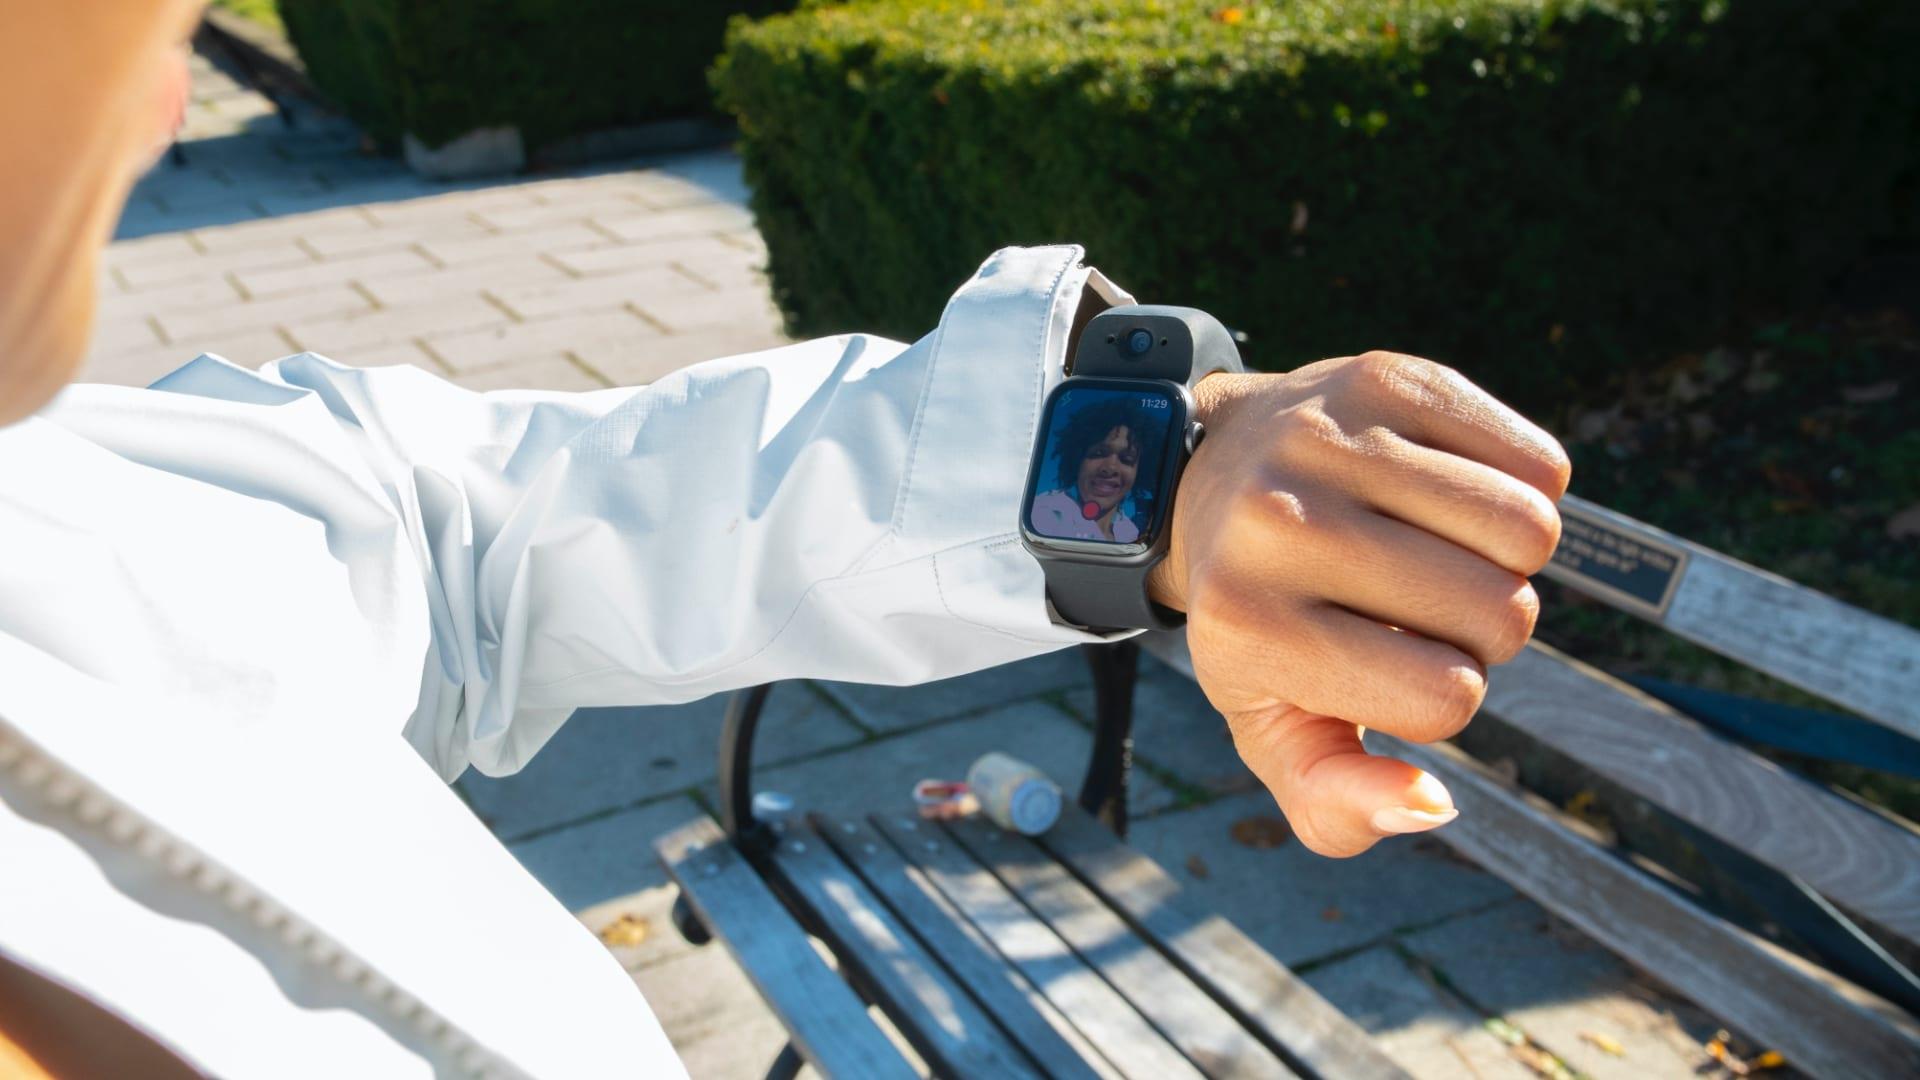 Wristcam